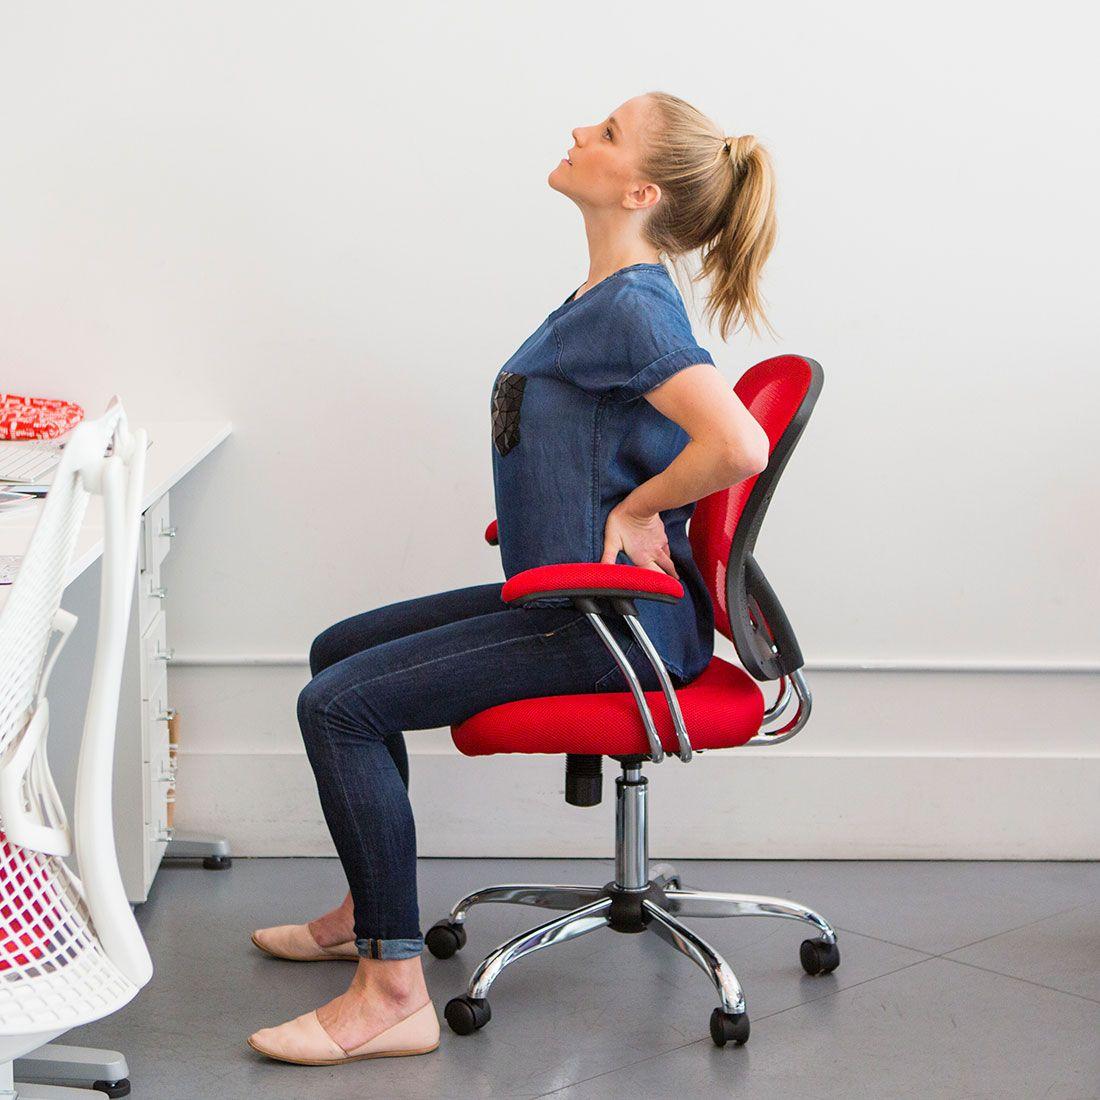 Похудеть при сидячем режиме